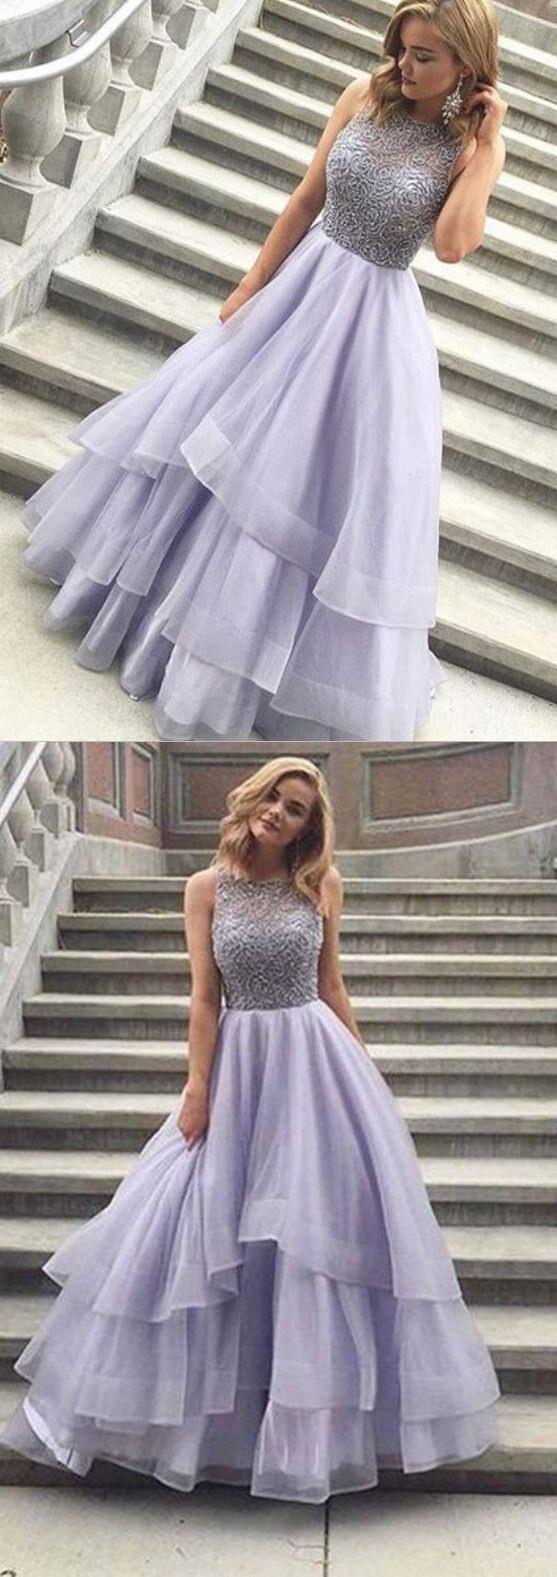 20 Großartig Elegante Abendkleidung Vertrieb17 Luxurius Elegante Abendkleidung Design